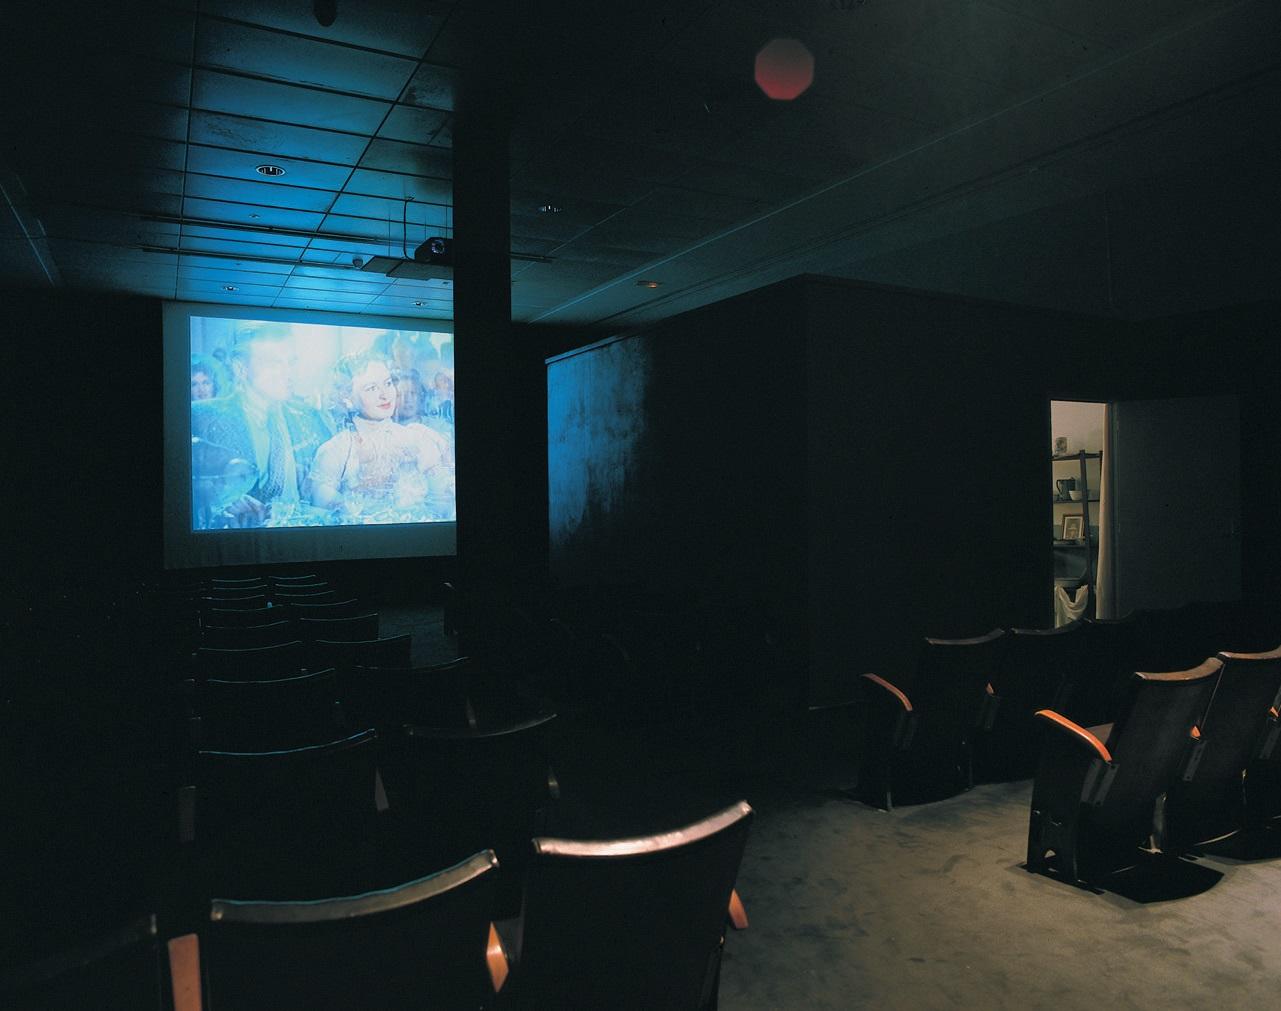 View-of-installation-Galerie-Nationale-du-Jeu-de-Paume-Paris-2000-Photo-by-Dirk-Pauwels.jpg